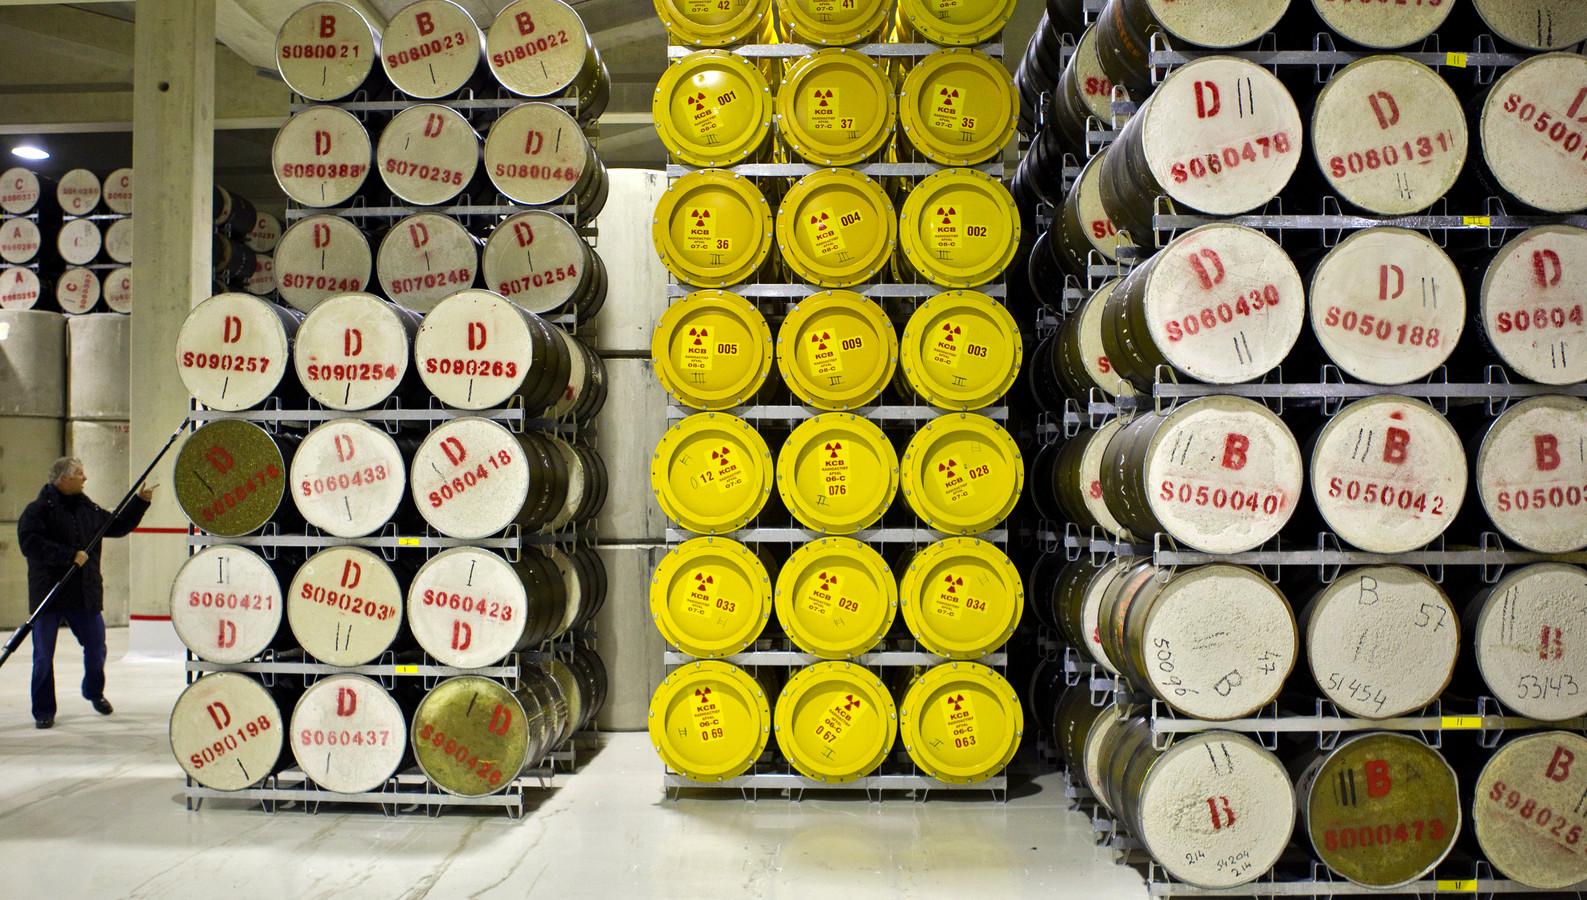 2010-11-23 00:00:00 BORSSELE - Laag radioactief afval bij COVRA (Centrale Opslag Radioactief Afval) in Borssele. Hier vindt de verzameling, verwerking en opslag van radioactief afval plaats. ANP KOEN SUYK